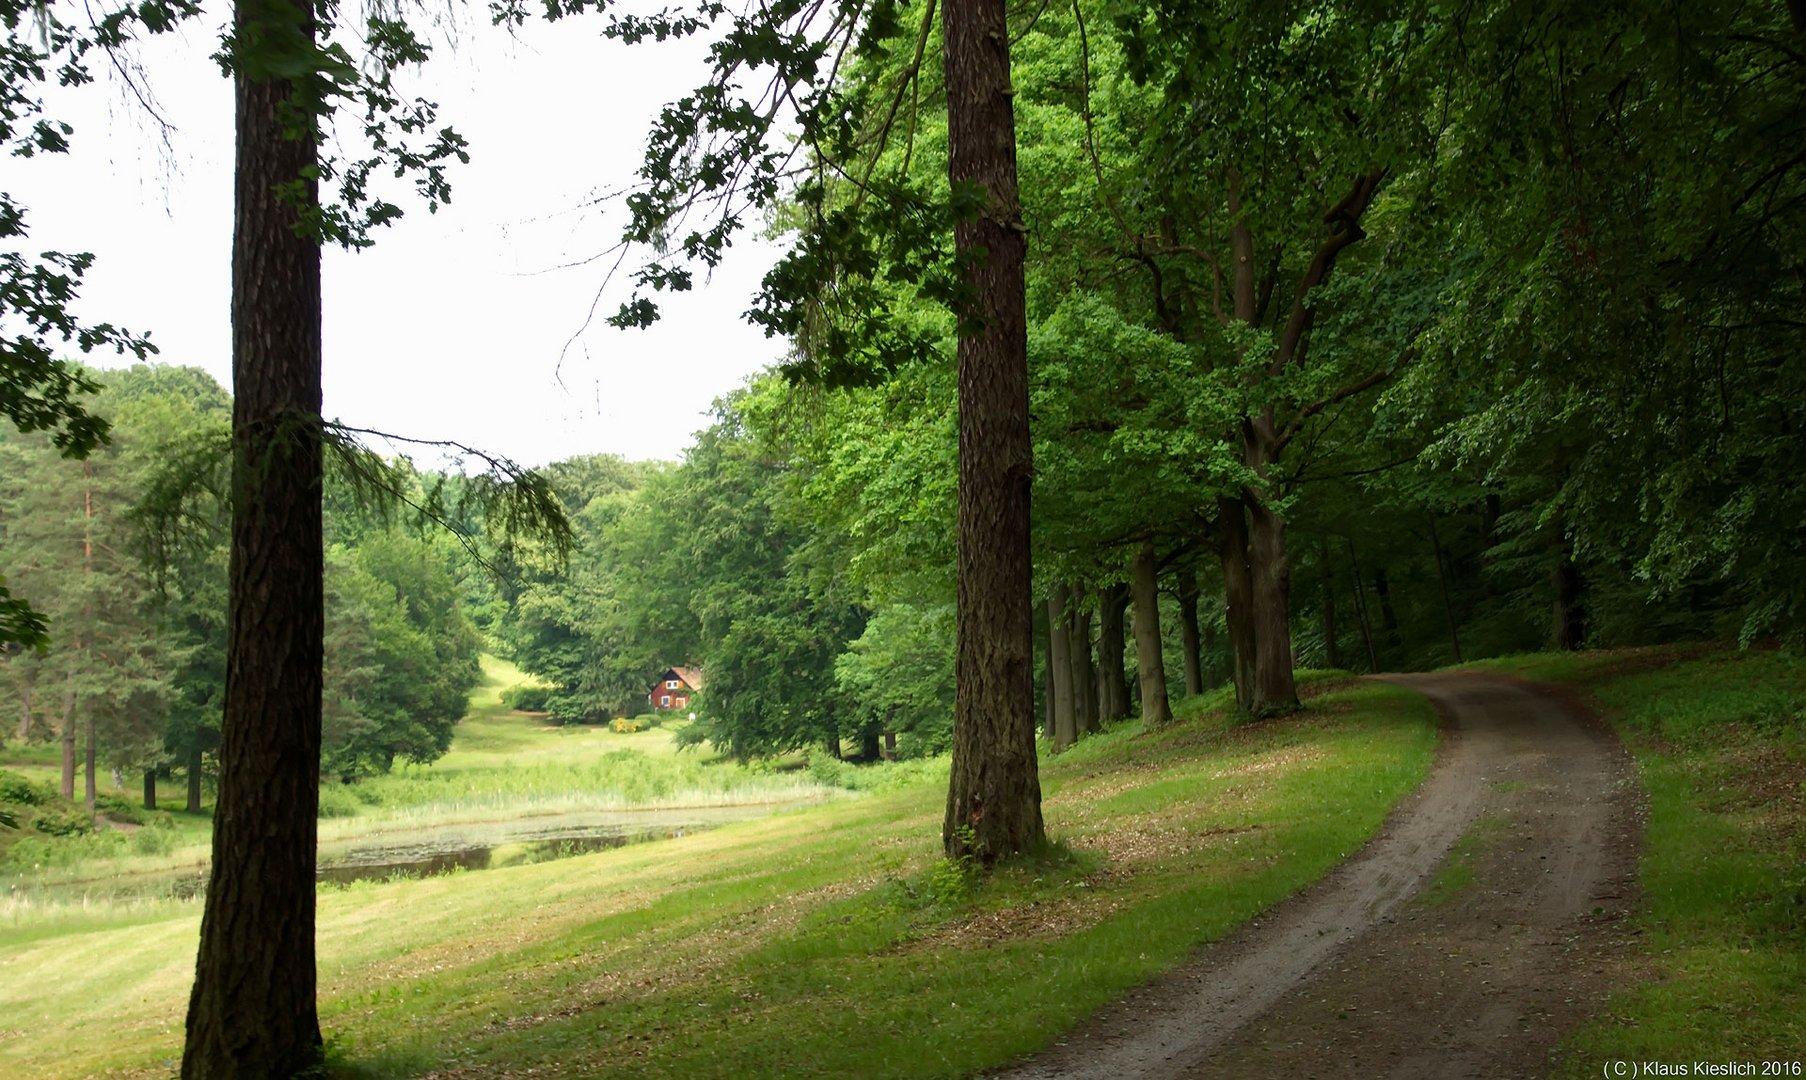 Fahrt mit der Waldbahn durch einen Park im Ortsteil Neustadt